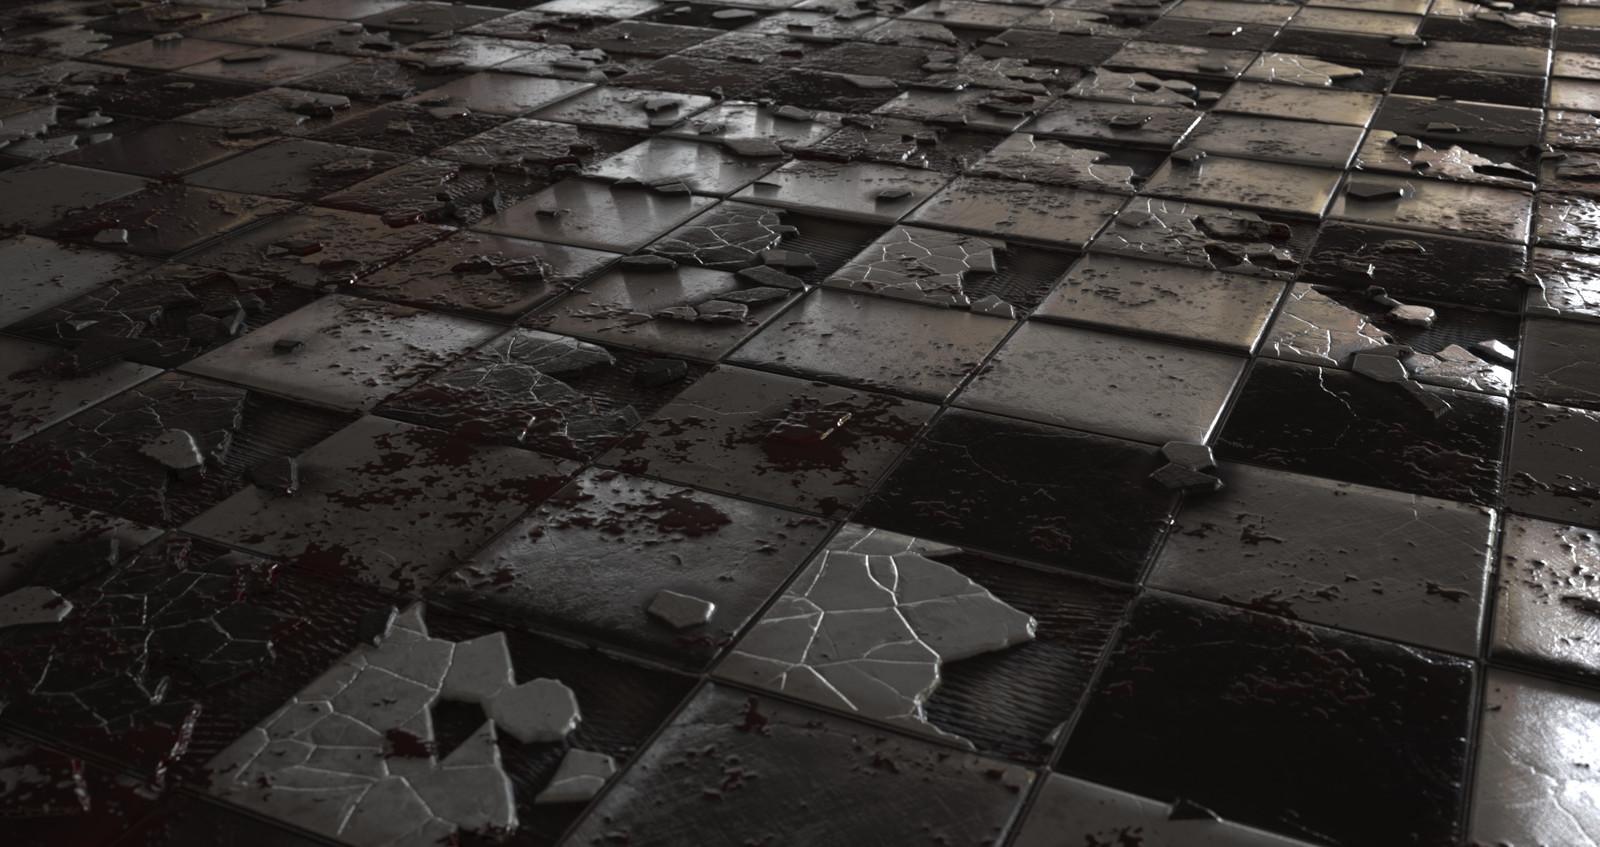 Cracked checker tile floor.